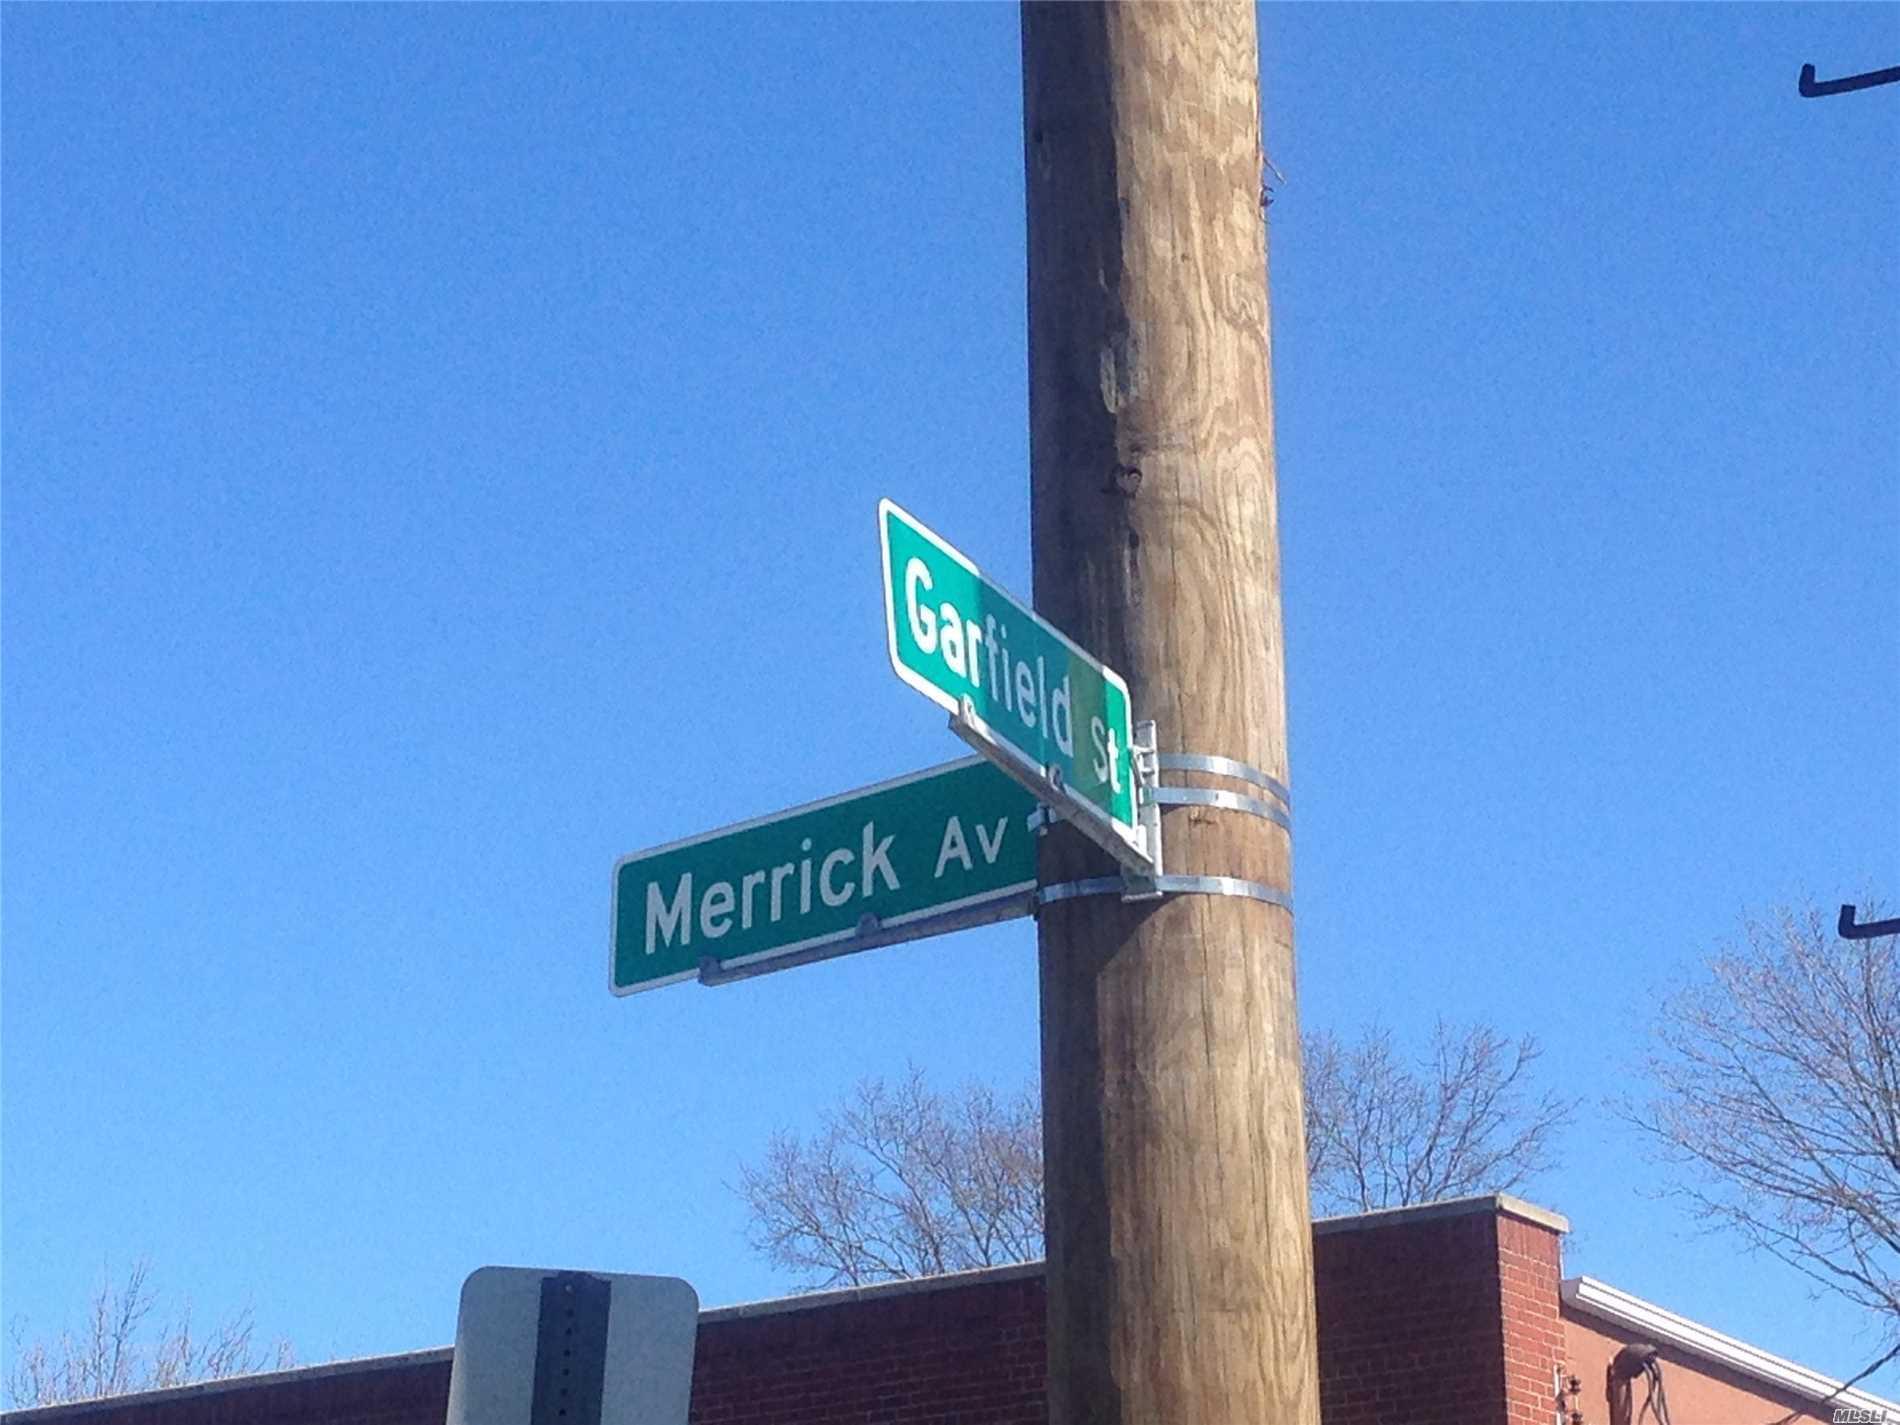 Merrick, New York